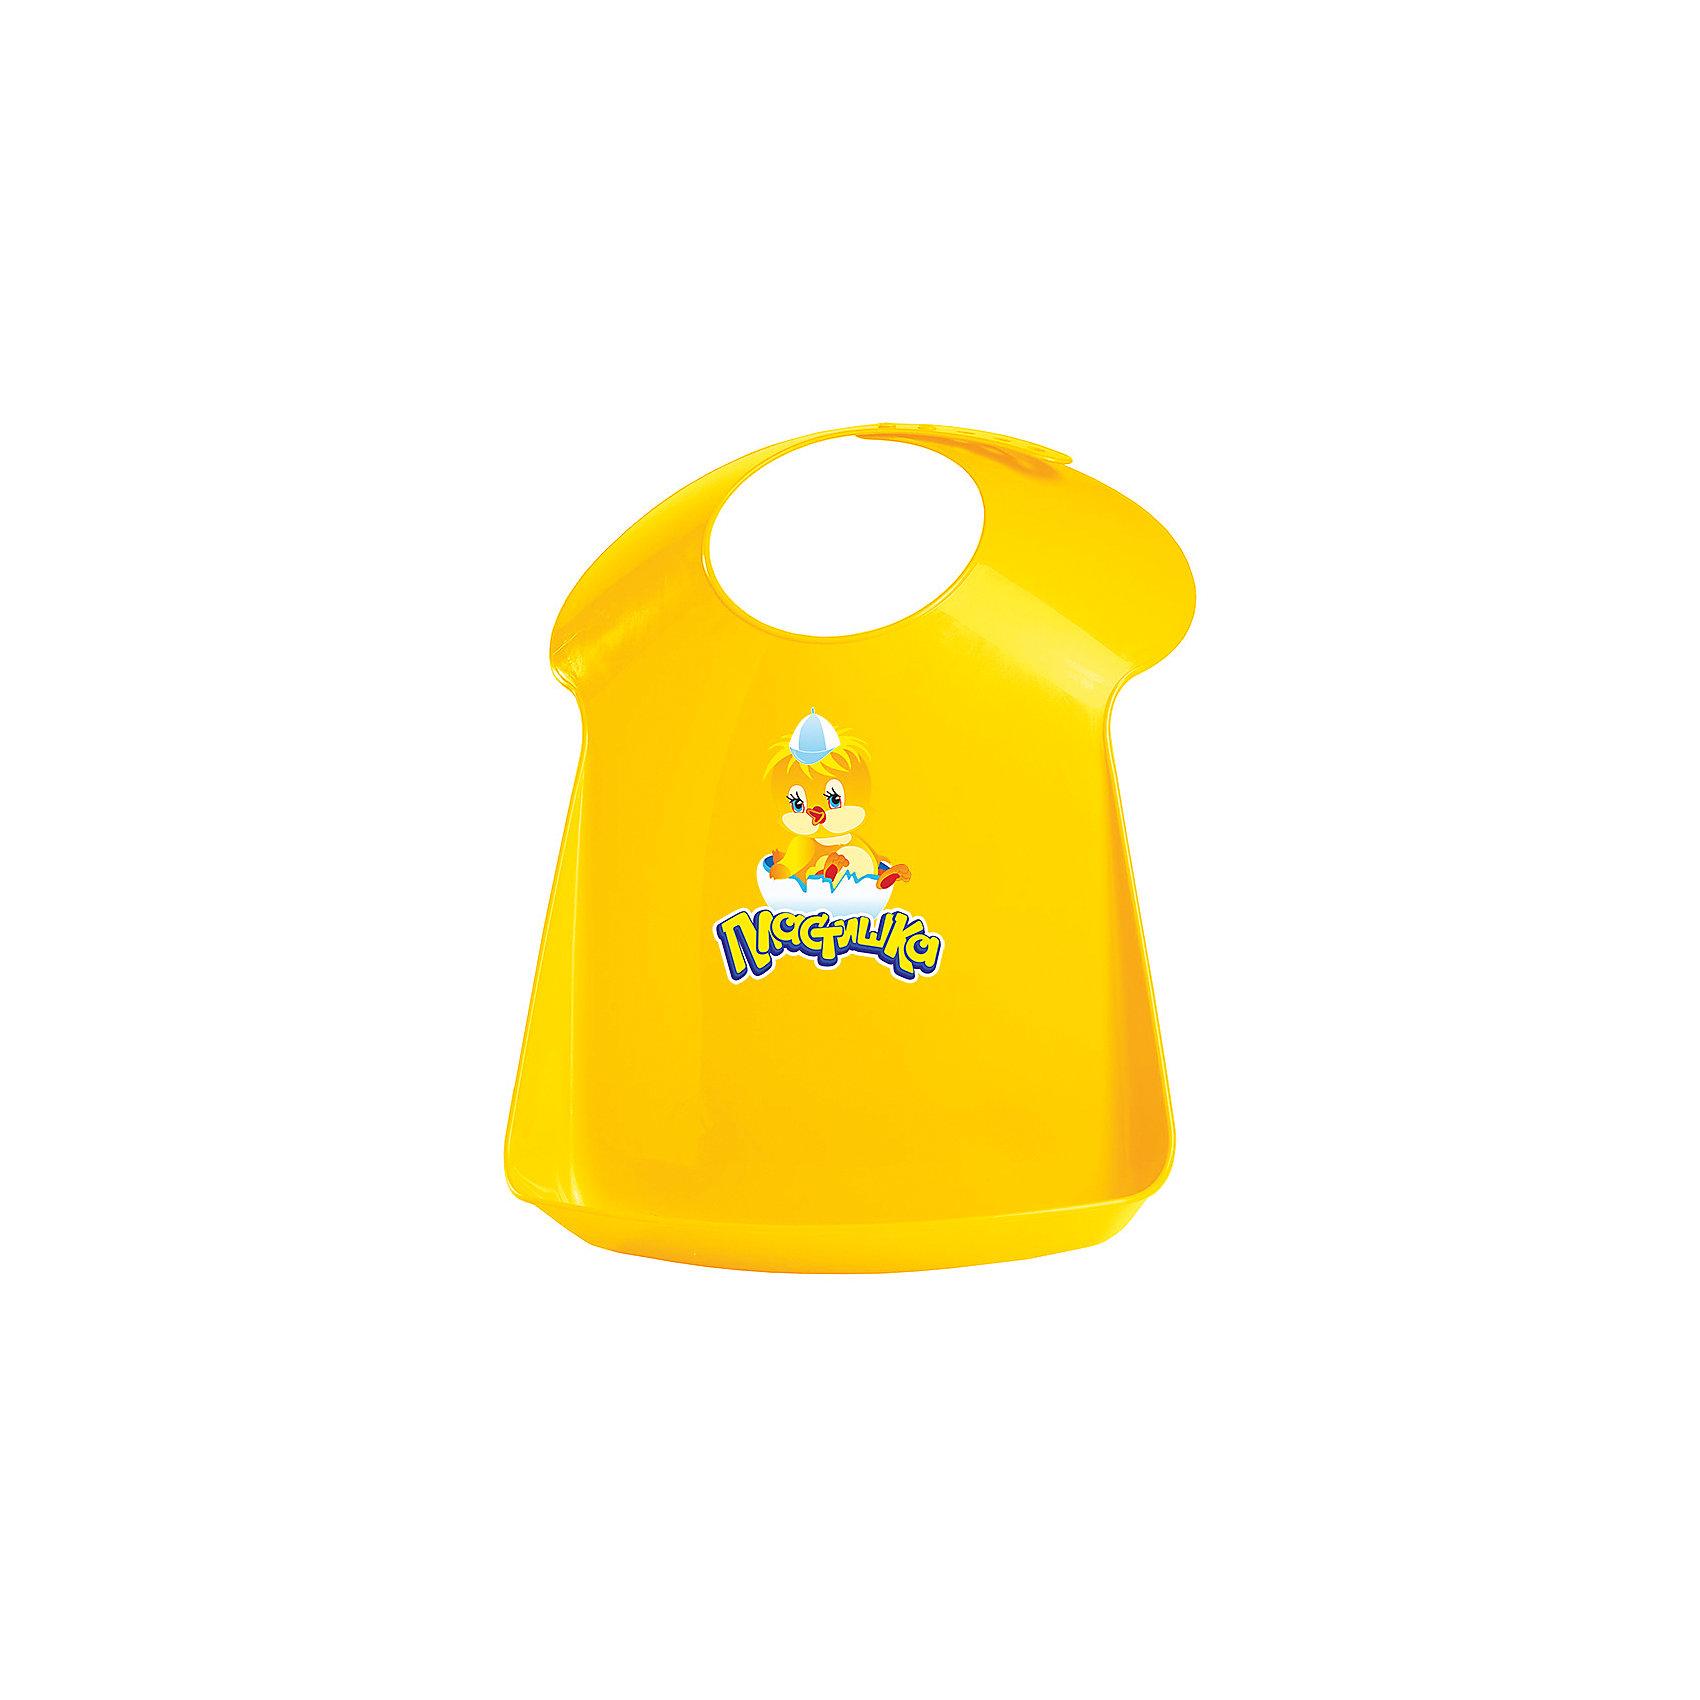 Нагрудник Пластишка, желтыйНагрудник Пластишка, желтый – нагрудник защитит одежду вашего малыша во время еды.<br>Нагрудник с аппликацией Пластишка выполнен из мягкого пищевого полиэтилена с удобным кармашком, предохраняющим одежду ребенка от загрязнения во время кормления. У нагрудника удобная регулируемая застежка. Мягкие и округлые края горловины не поцарапает шею малыша. Нагрудник легко мыть.<br><br>Дополнительная информация:<br><br>- Материал: полиэтилен<br>- Цвет: желтый<br>- Размер: 340х240х65 мм.<br><br>Нагрудник Пластишка, желтый можно купить в нашем интернет-магазине.<br><br>Ширина мм: 330<br>Глубина мм: 240<br>Высота мм: 55<br>Вес г: 9999<br>Цвет: желтый<br>Возраст от месяцев: 0<br>Возраст до месяцев: 24<br>Пол: Унисекс<br>Возраст: Детский<br>SKU: 4408454